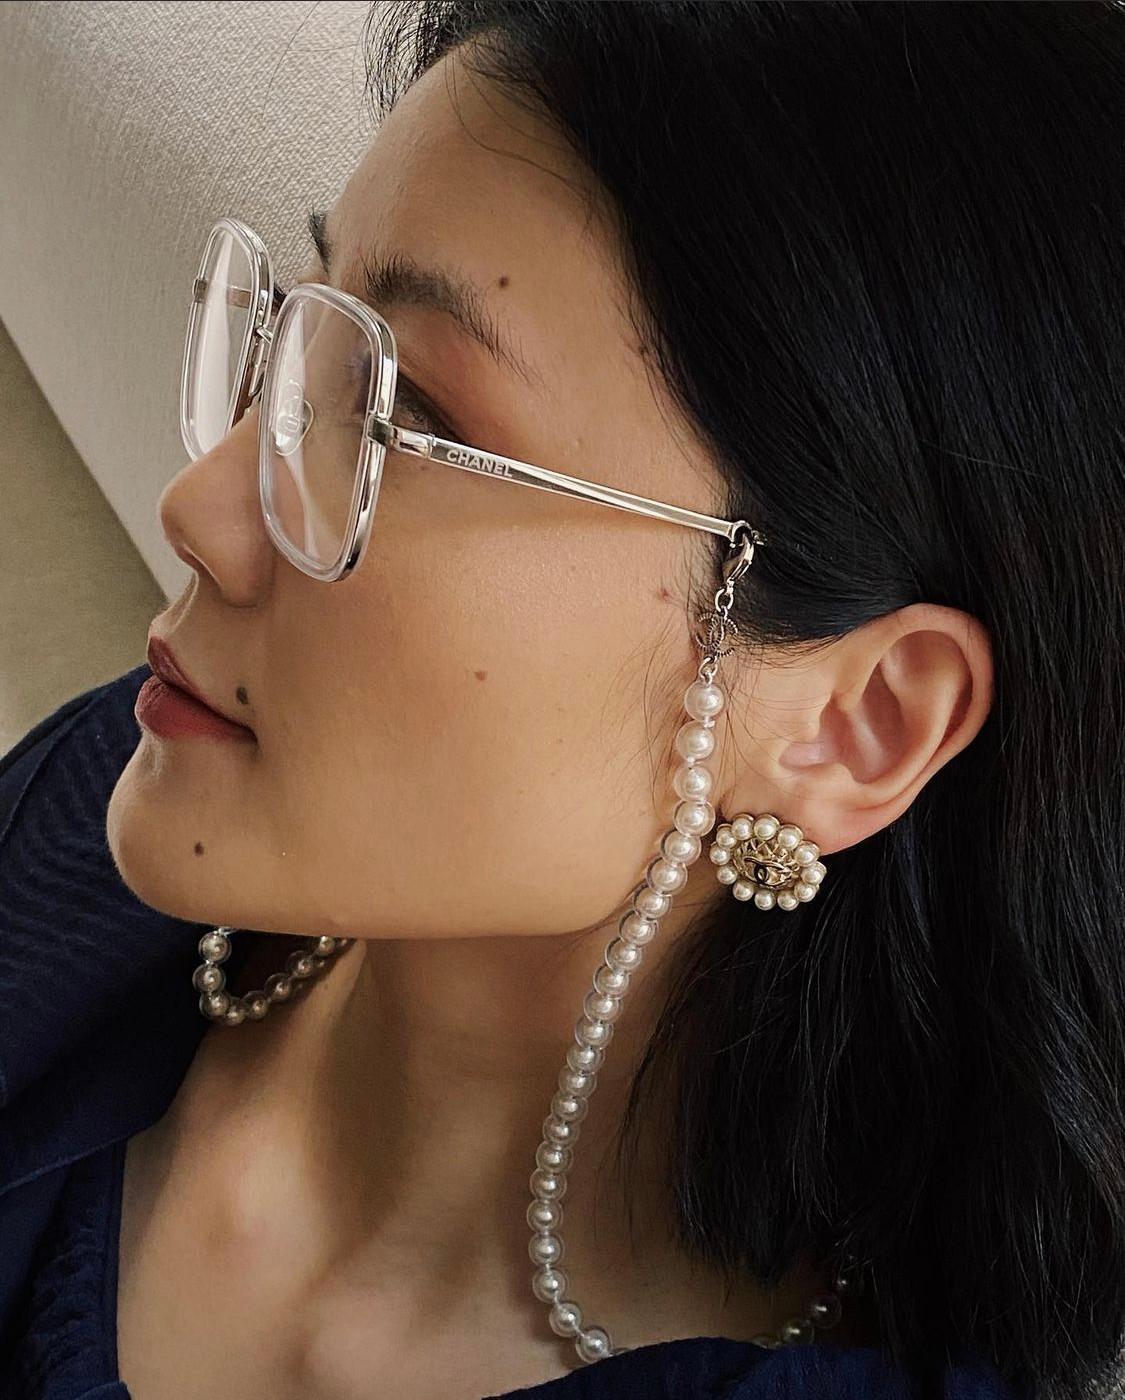 Biến hóa đa phong cách cùng thiết kế mắt kính cận sành điệu-10